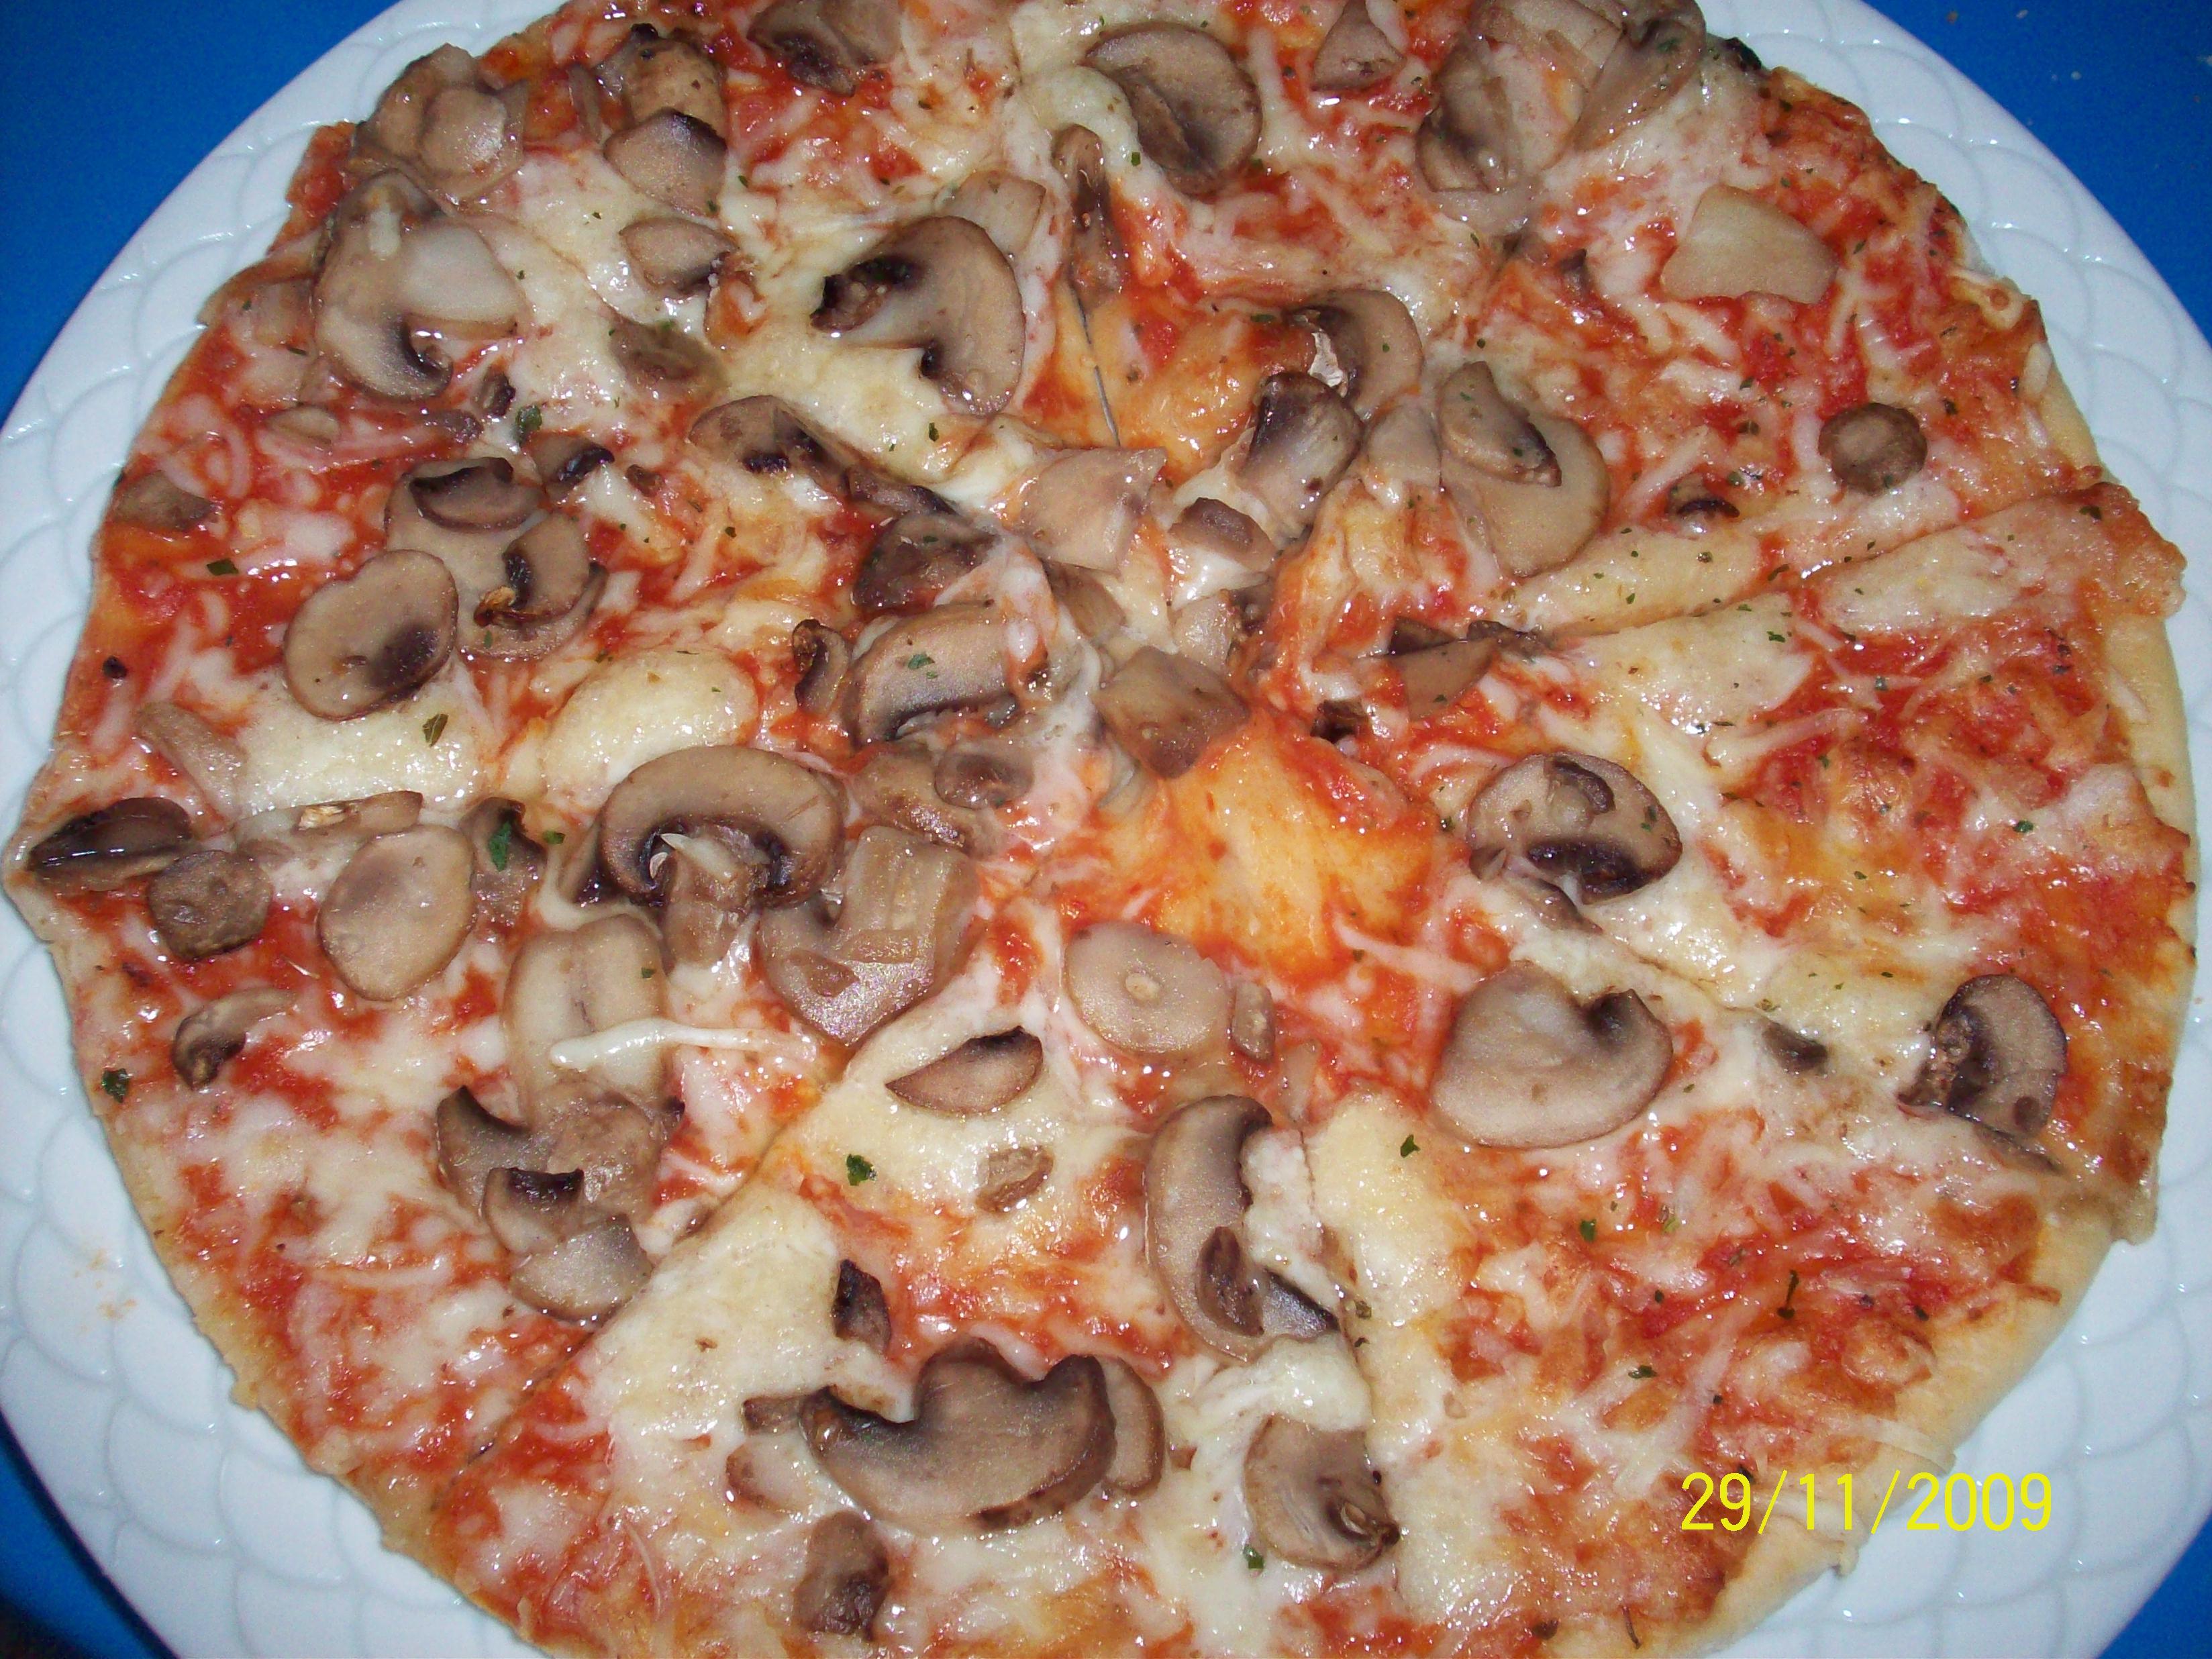 https://foodloader.net/cutie_2009-11-29_Mushroom_Pizza.jpg